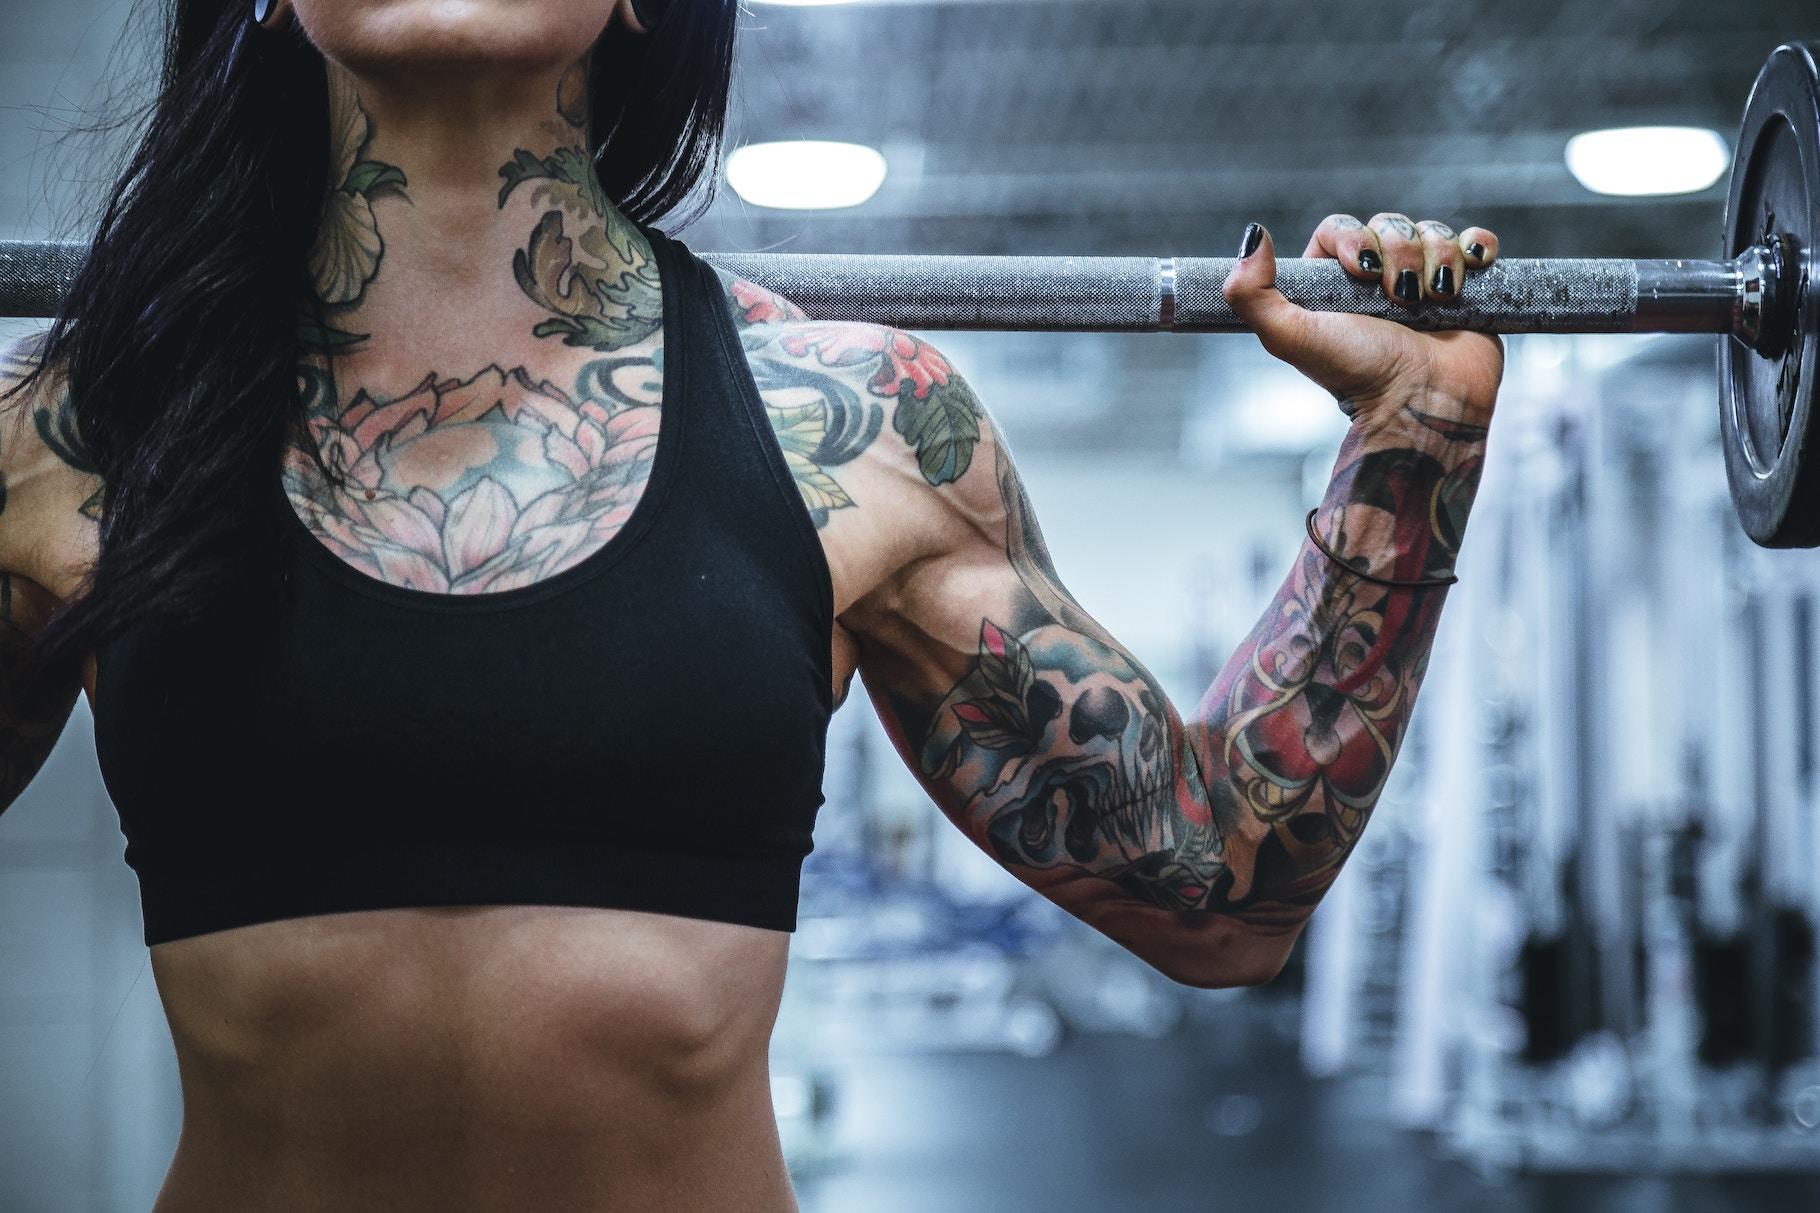 Čomu fitnes-«guru» z Instagram ne dopomagajuť vam, a škodjať